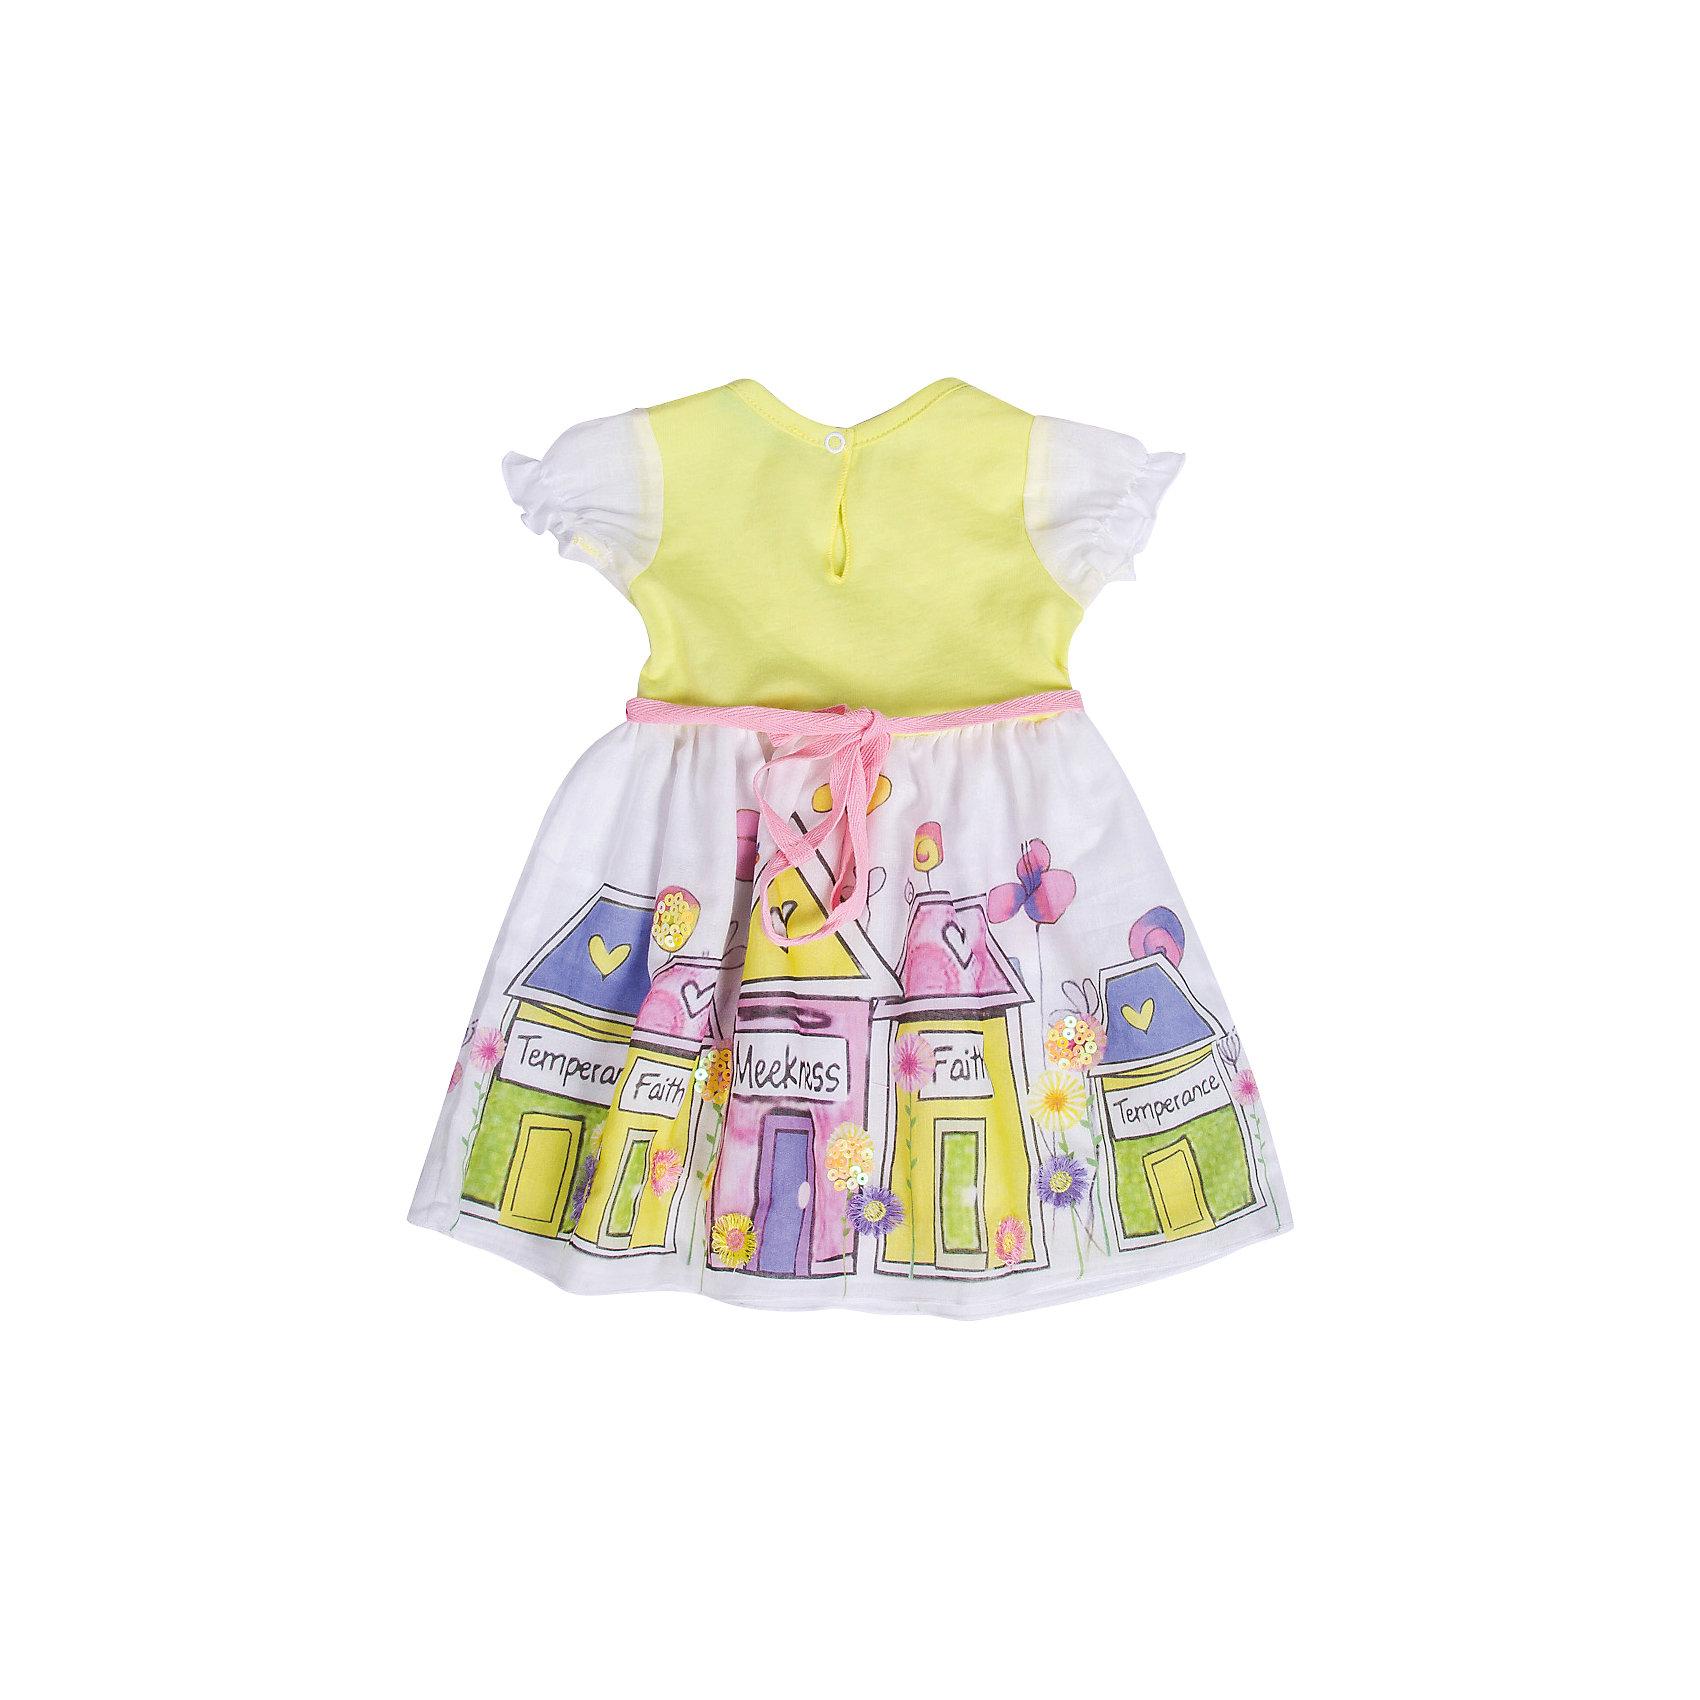 Платье БимошаПлатье дополнено оригинальной печатью и пайетками, сзади застежка-кнопка, рукава-крылышки. Состав: Кулирная гладь 100% хлопок<br><br>Ширина мм: 236<br>Глубина мм: 16<br>Высота мм: 184<br>Вес г: 177<br>Цвет: желтый<br>Возраст от месяцев: 3<br>Возраст до месяцев: 6<br>Пол: Женский<br>Возраст: Детский<br>Размер: 68,80,74<br>SKU: 4645429